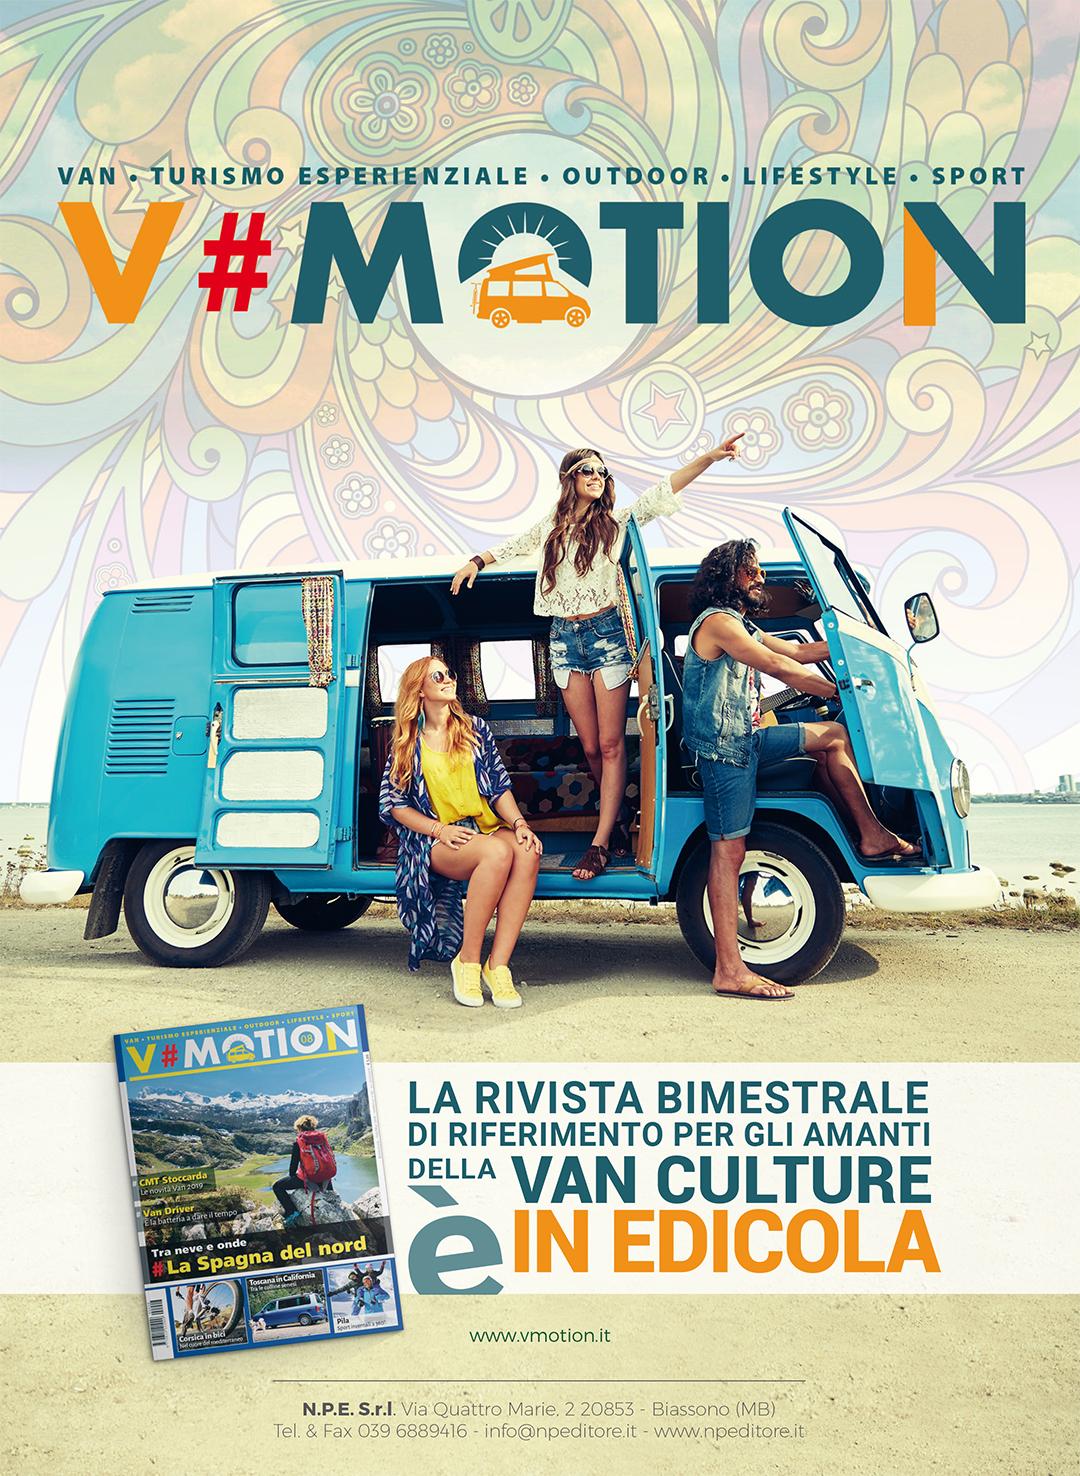 ADV_V#Motion